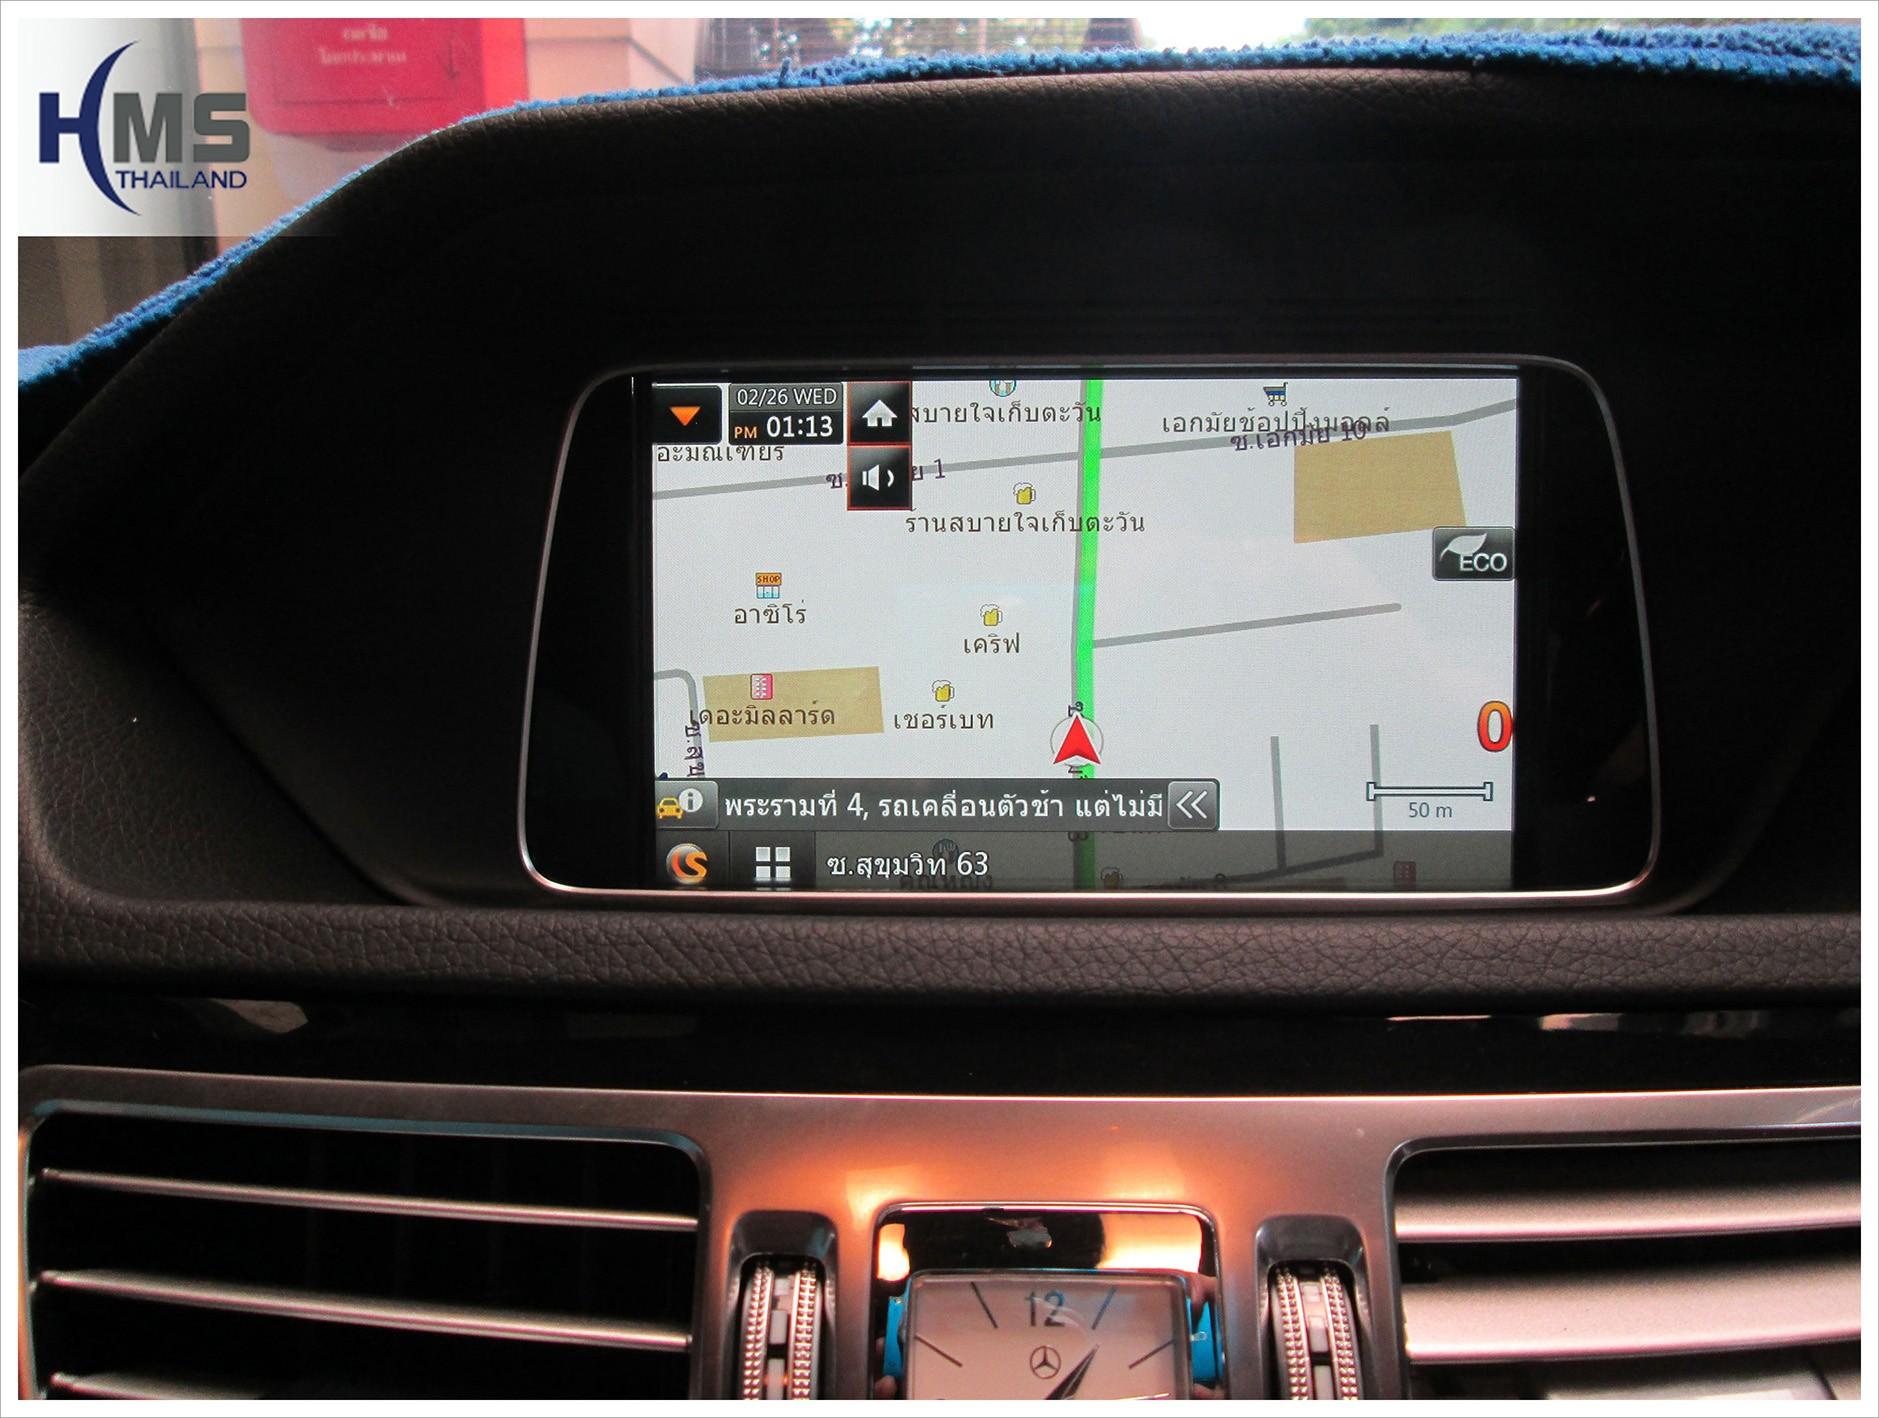 แผนที่นำทาง Mercedes Benz E220 W212,ระบบนำทาง เบนซ์ E220, navigation box